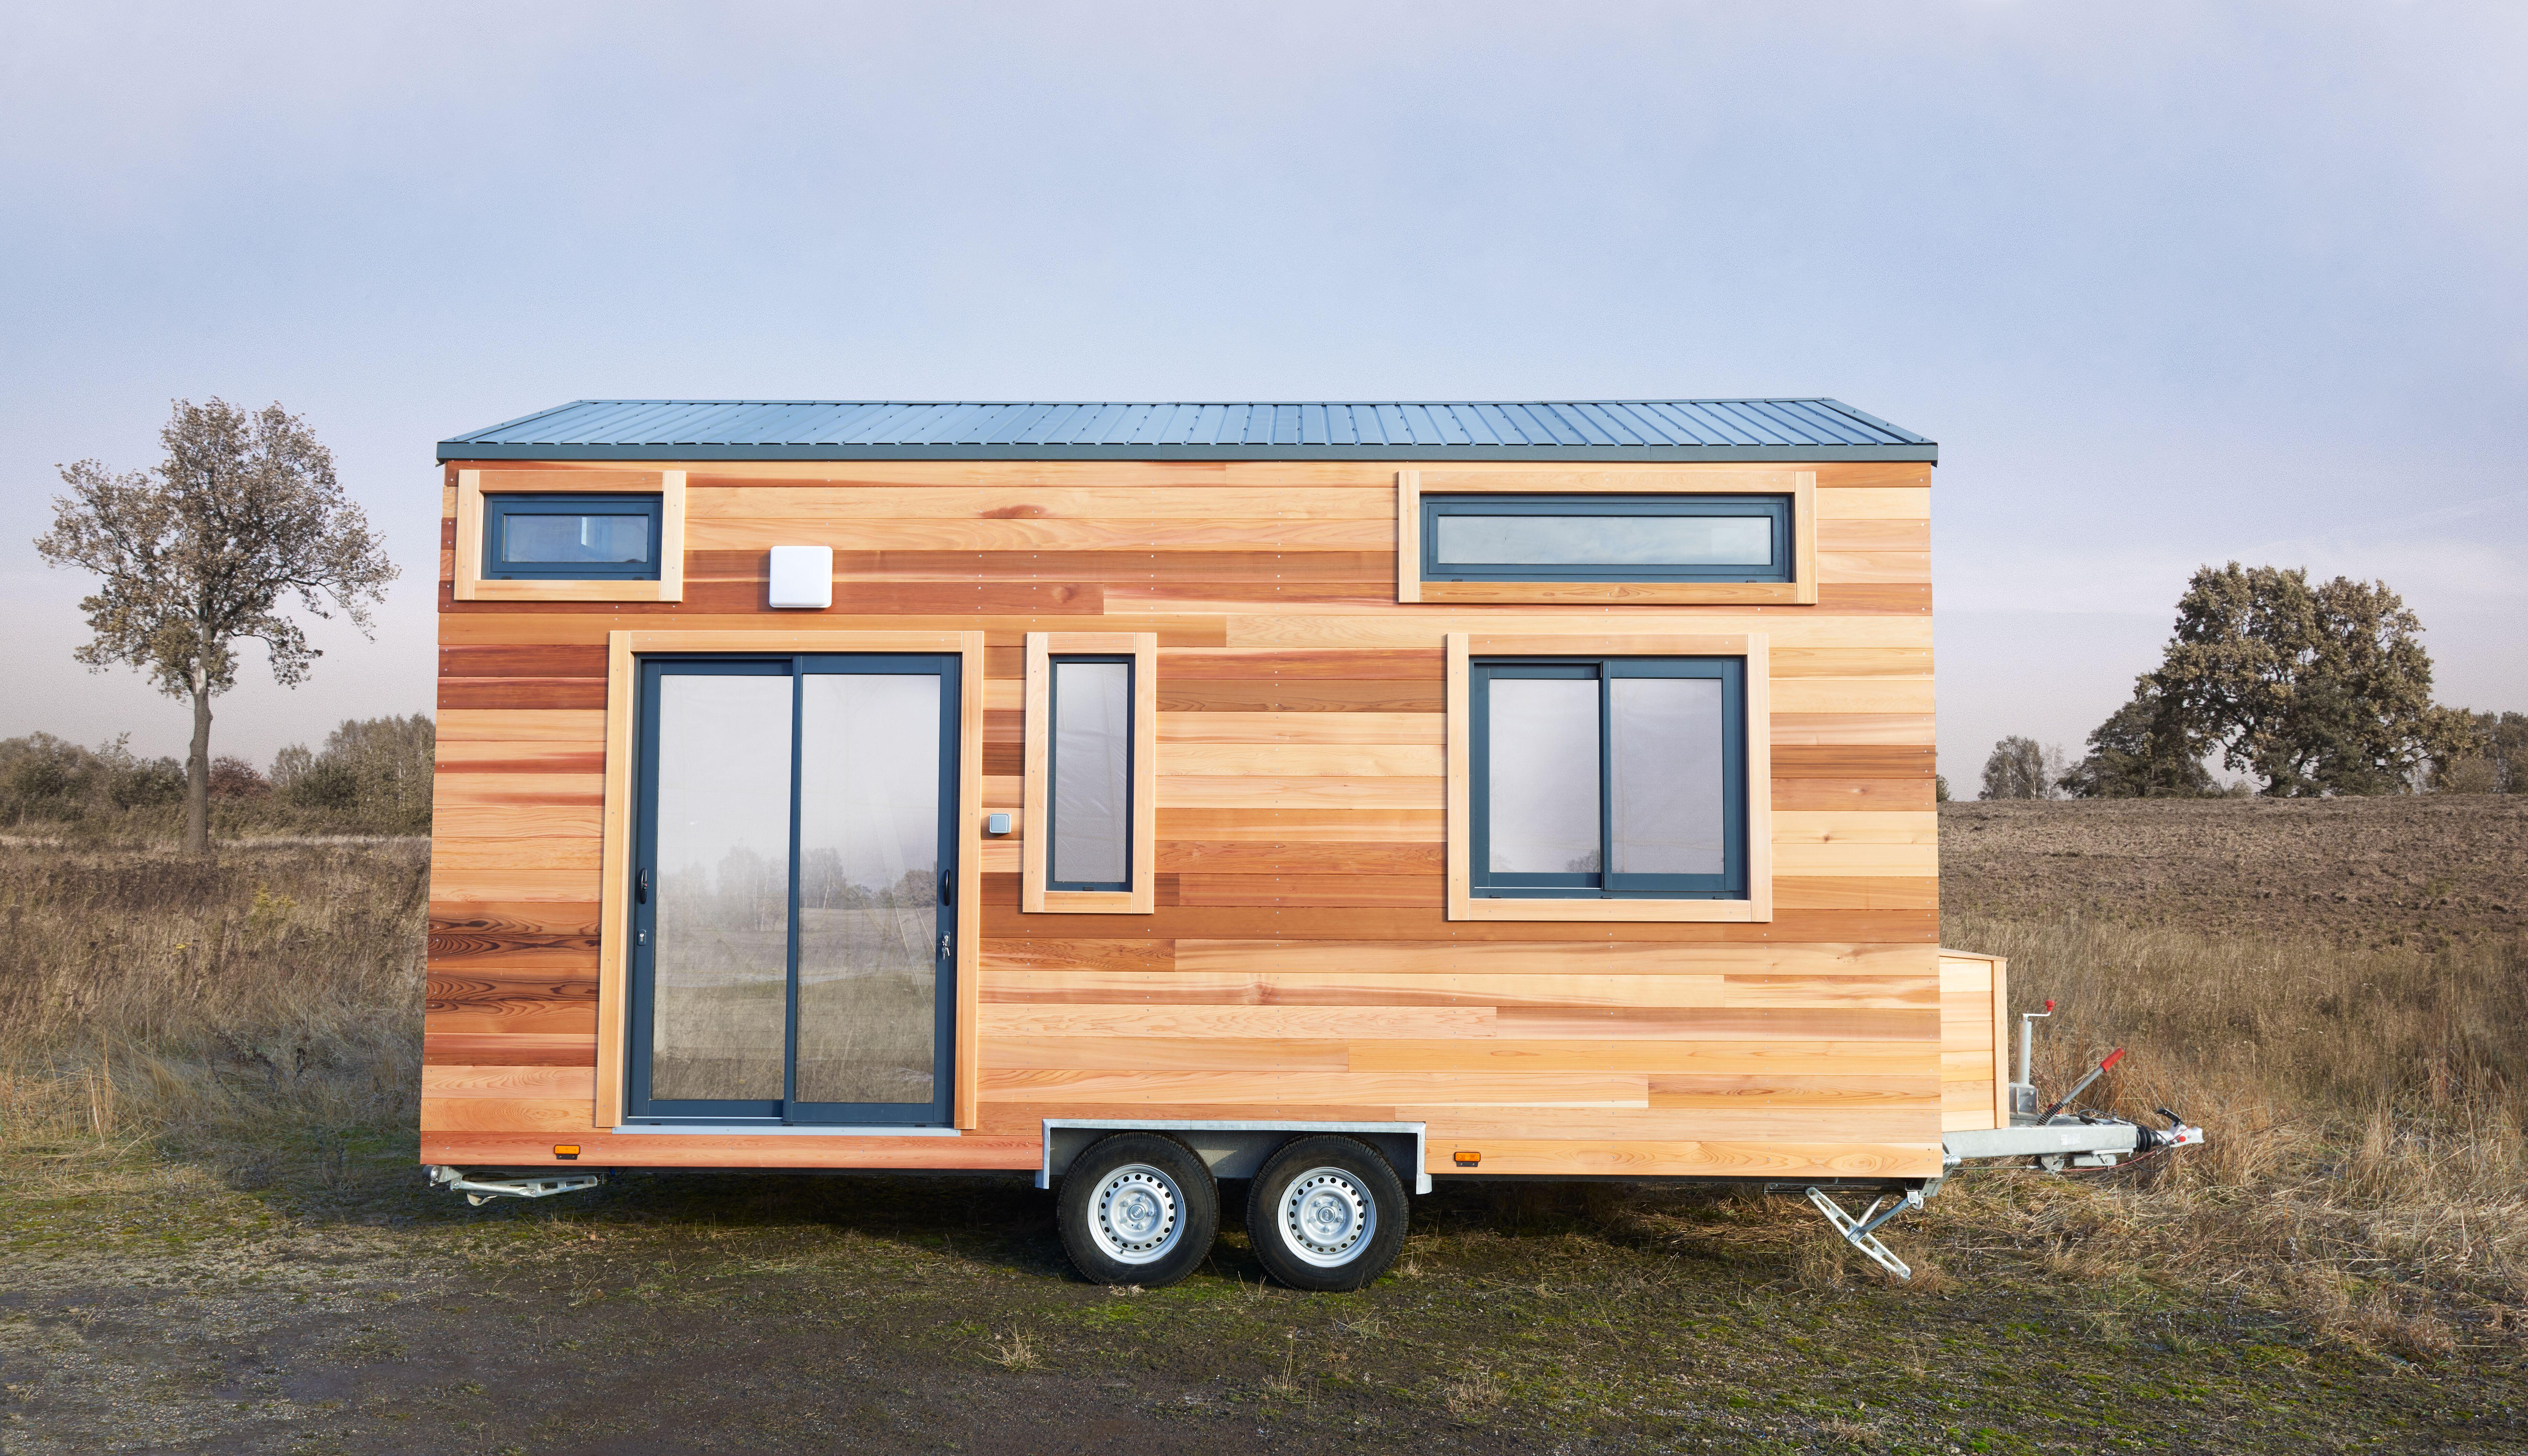 Achat Remorque Tiny House une tiny house neuve à acquérir sur-le-champ | ma tiny house